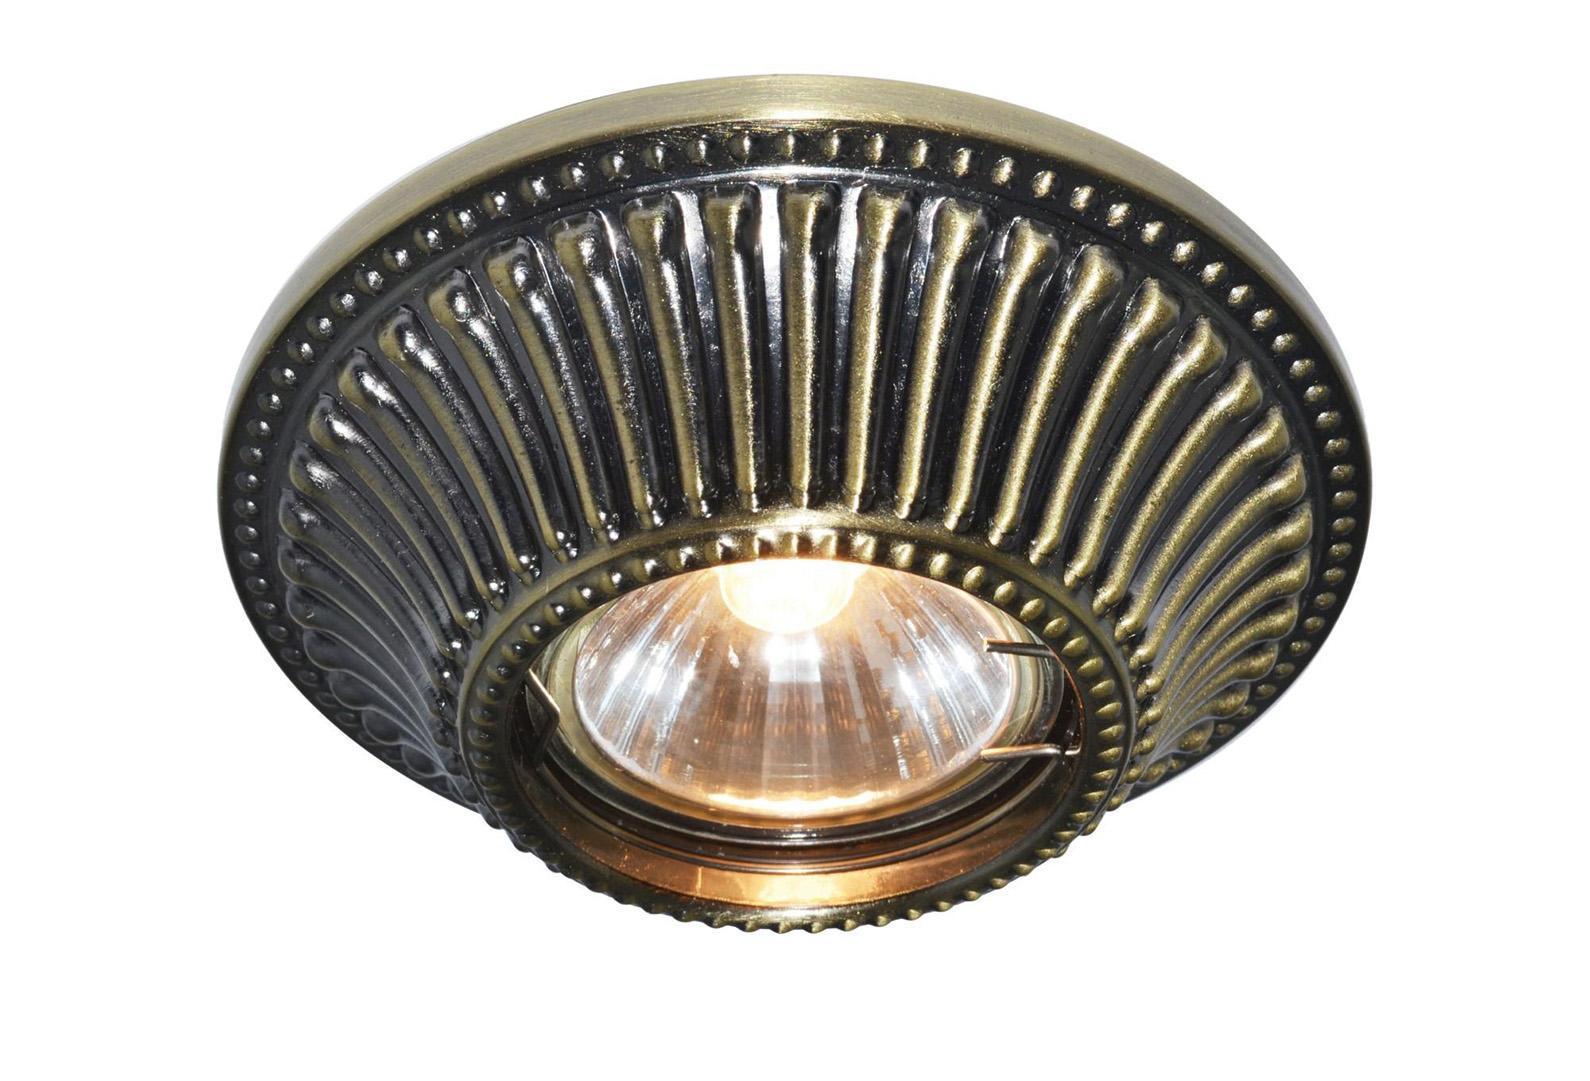 A5298PL-1AB ARENA Встраиваемый светильникA5298PL-1AB1x50W; патроны GU10 и G5,3 в комплекте Материал: Арматура: Металл, литьеРазмер: 110x110x45Цвет: Античная бронза